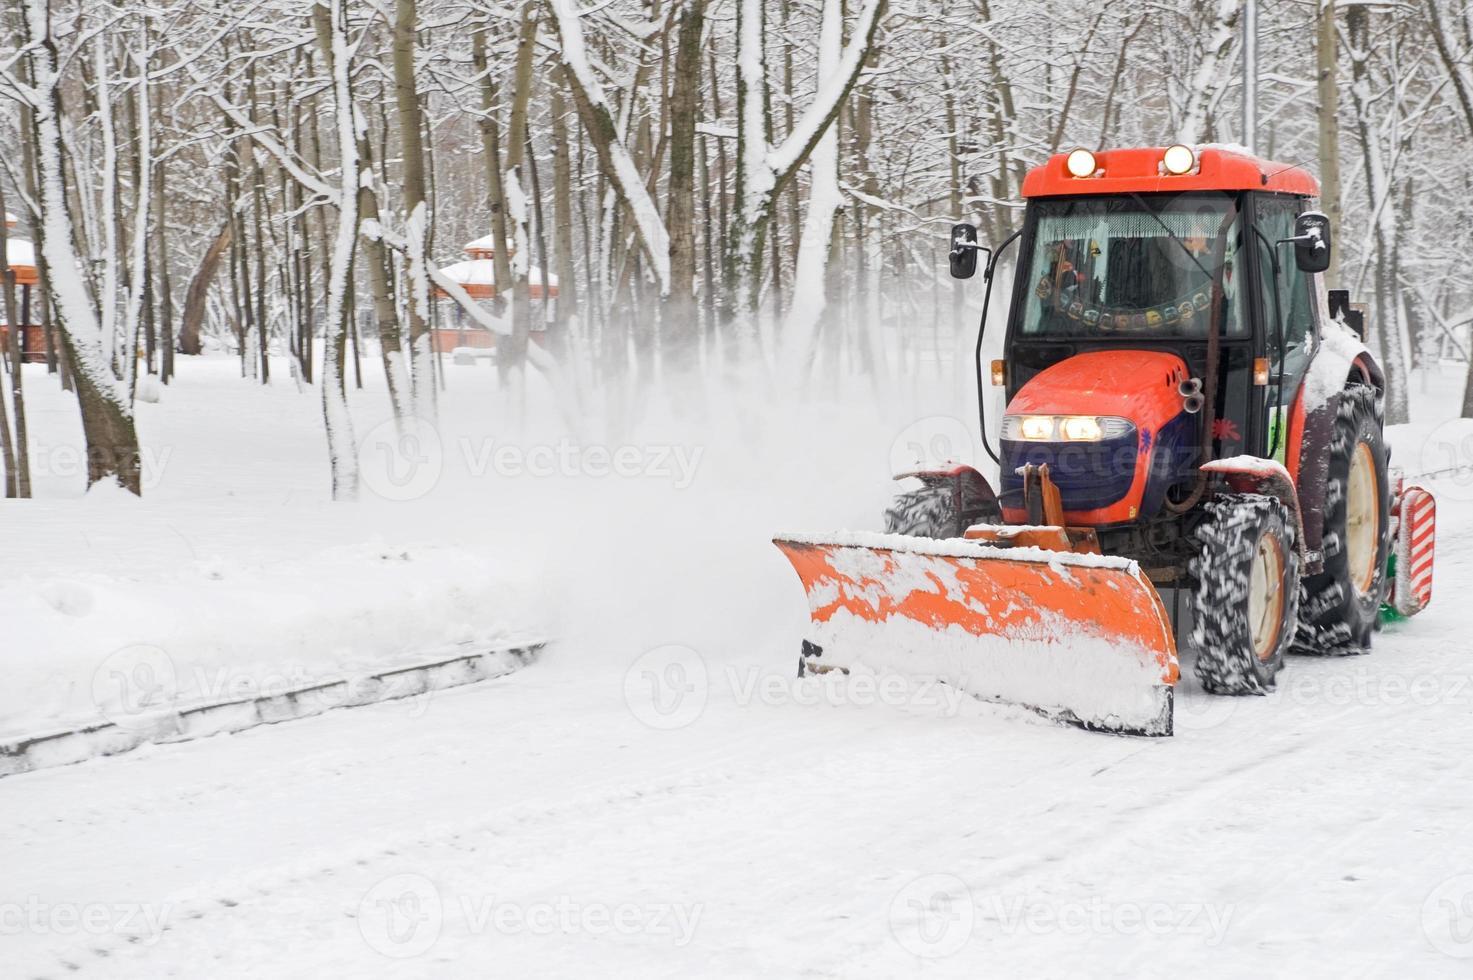 remoción de nieve de invierno un tractor pequeño foto